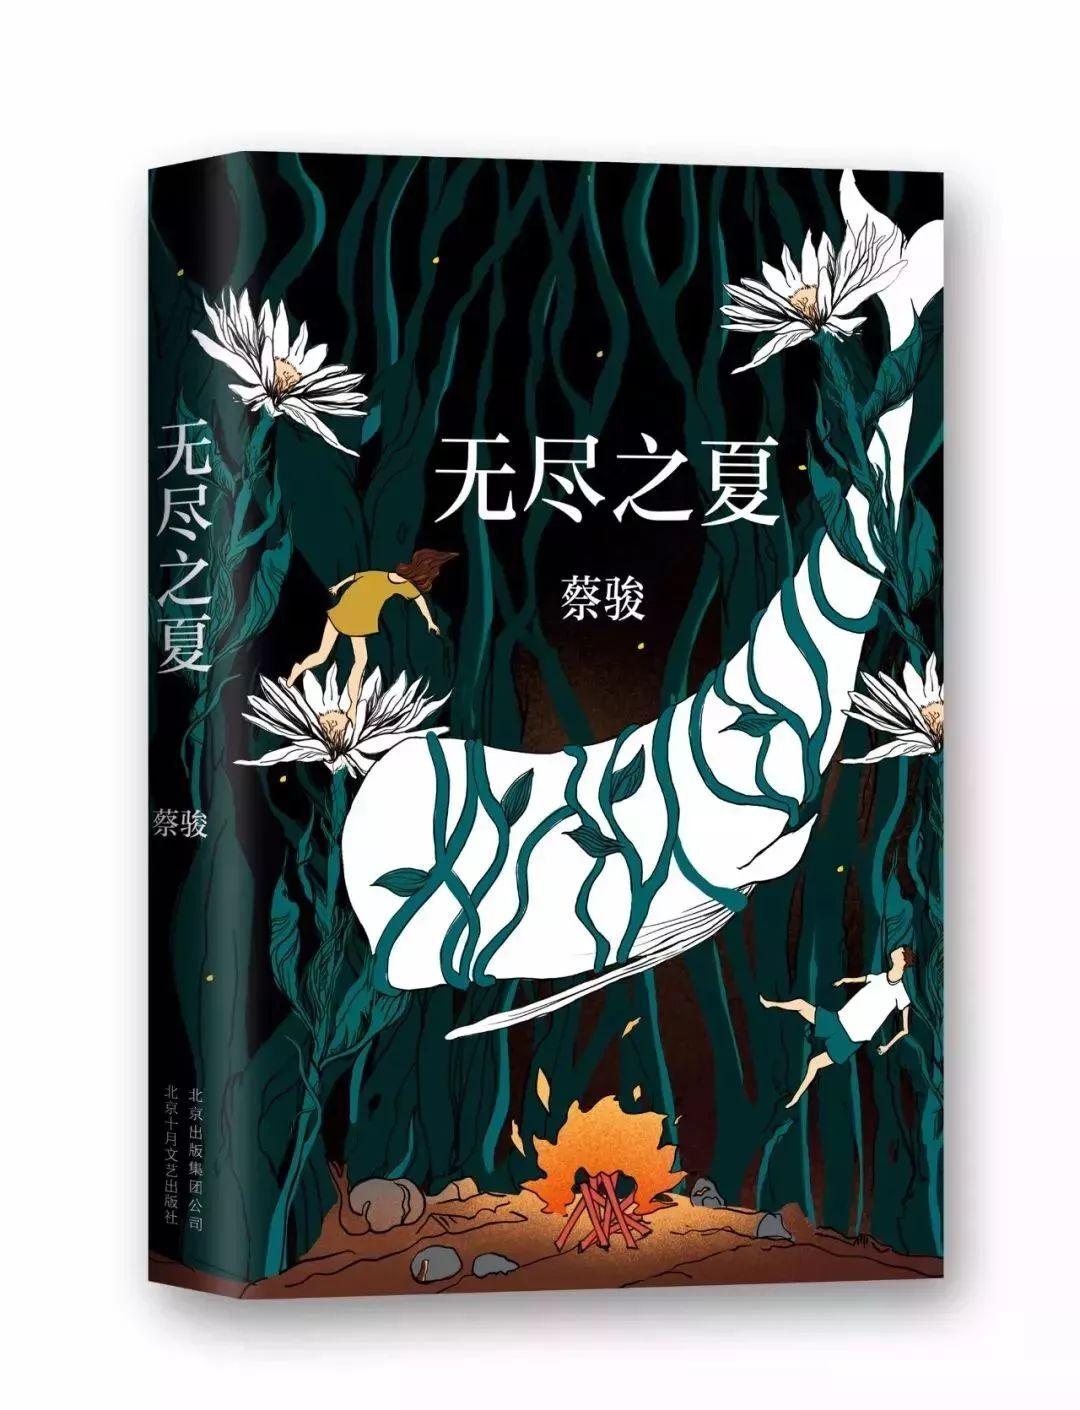 中国悬疑小说第一人,他的这部作品绝不能错过!